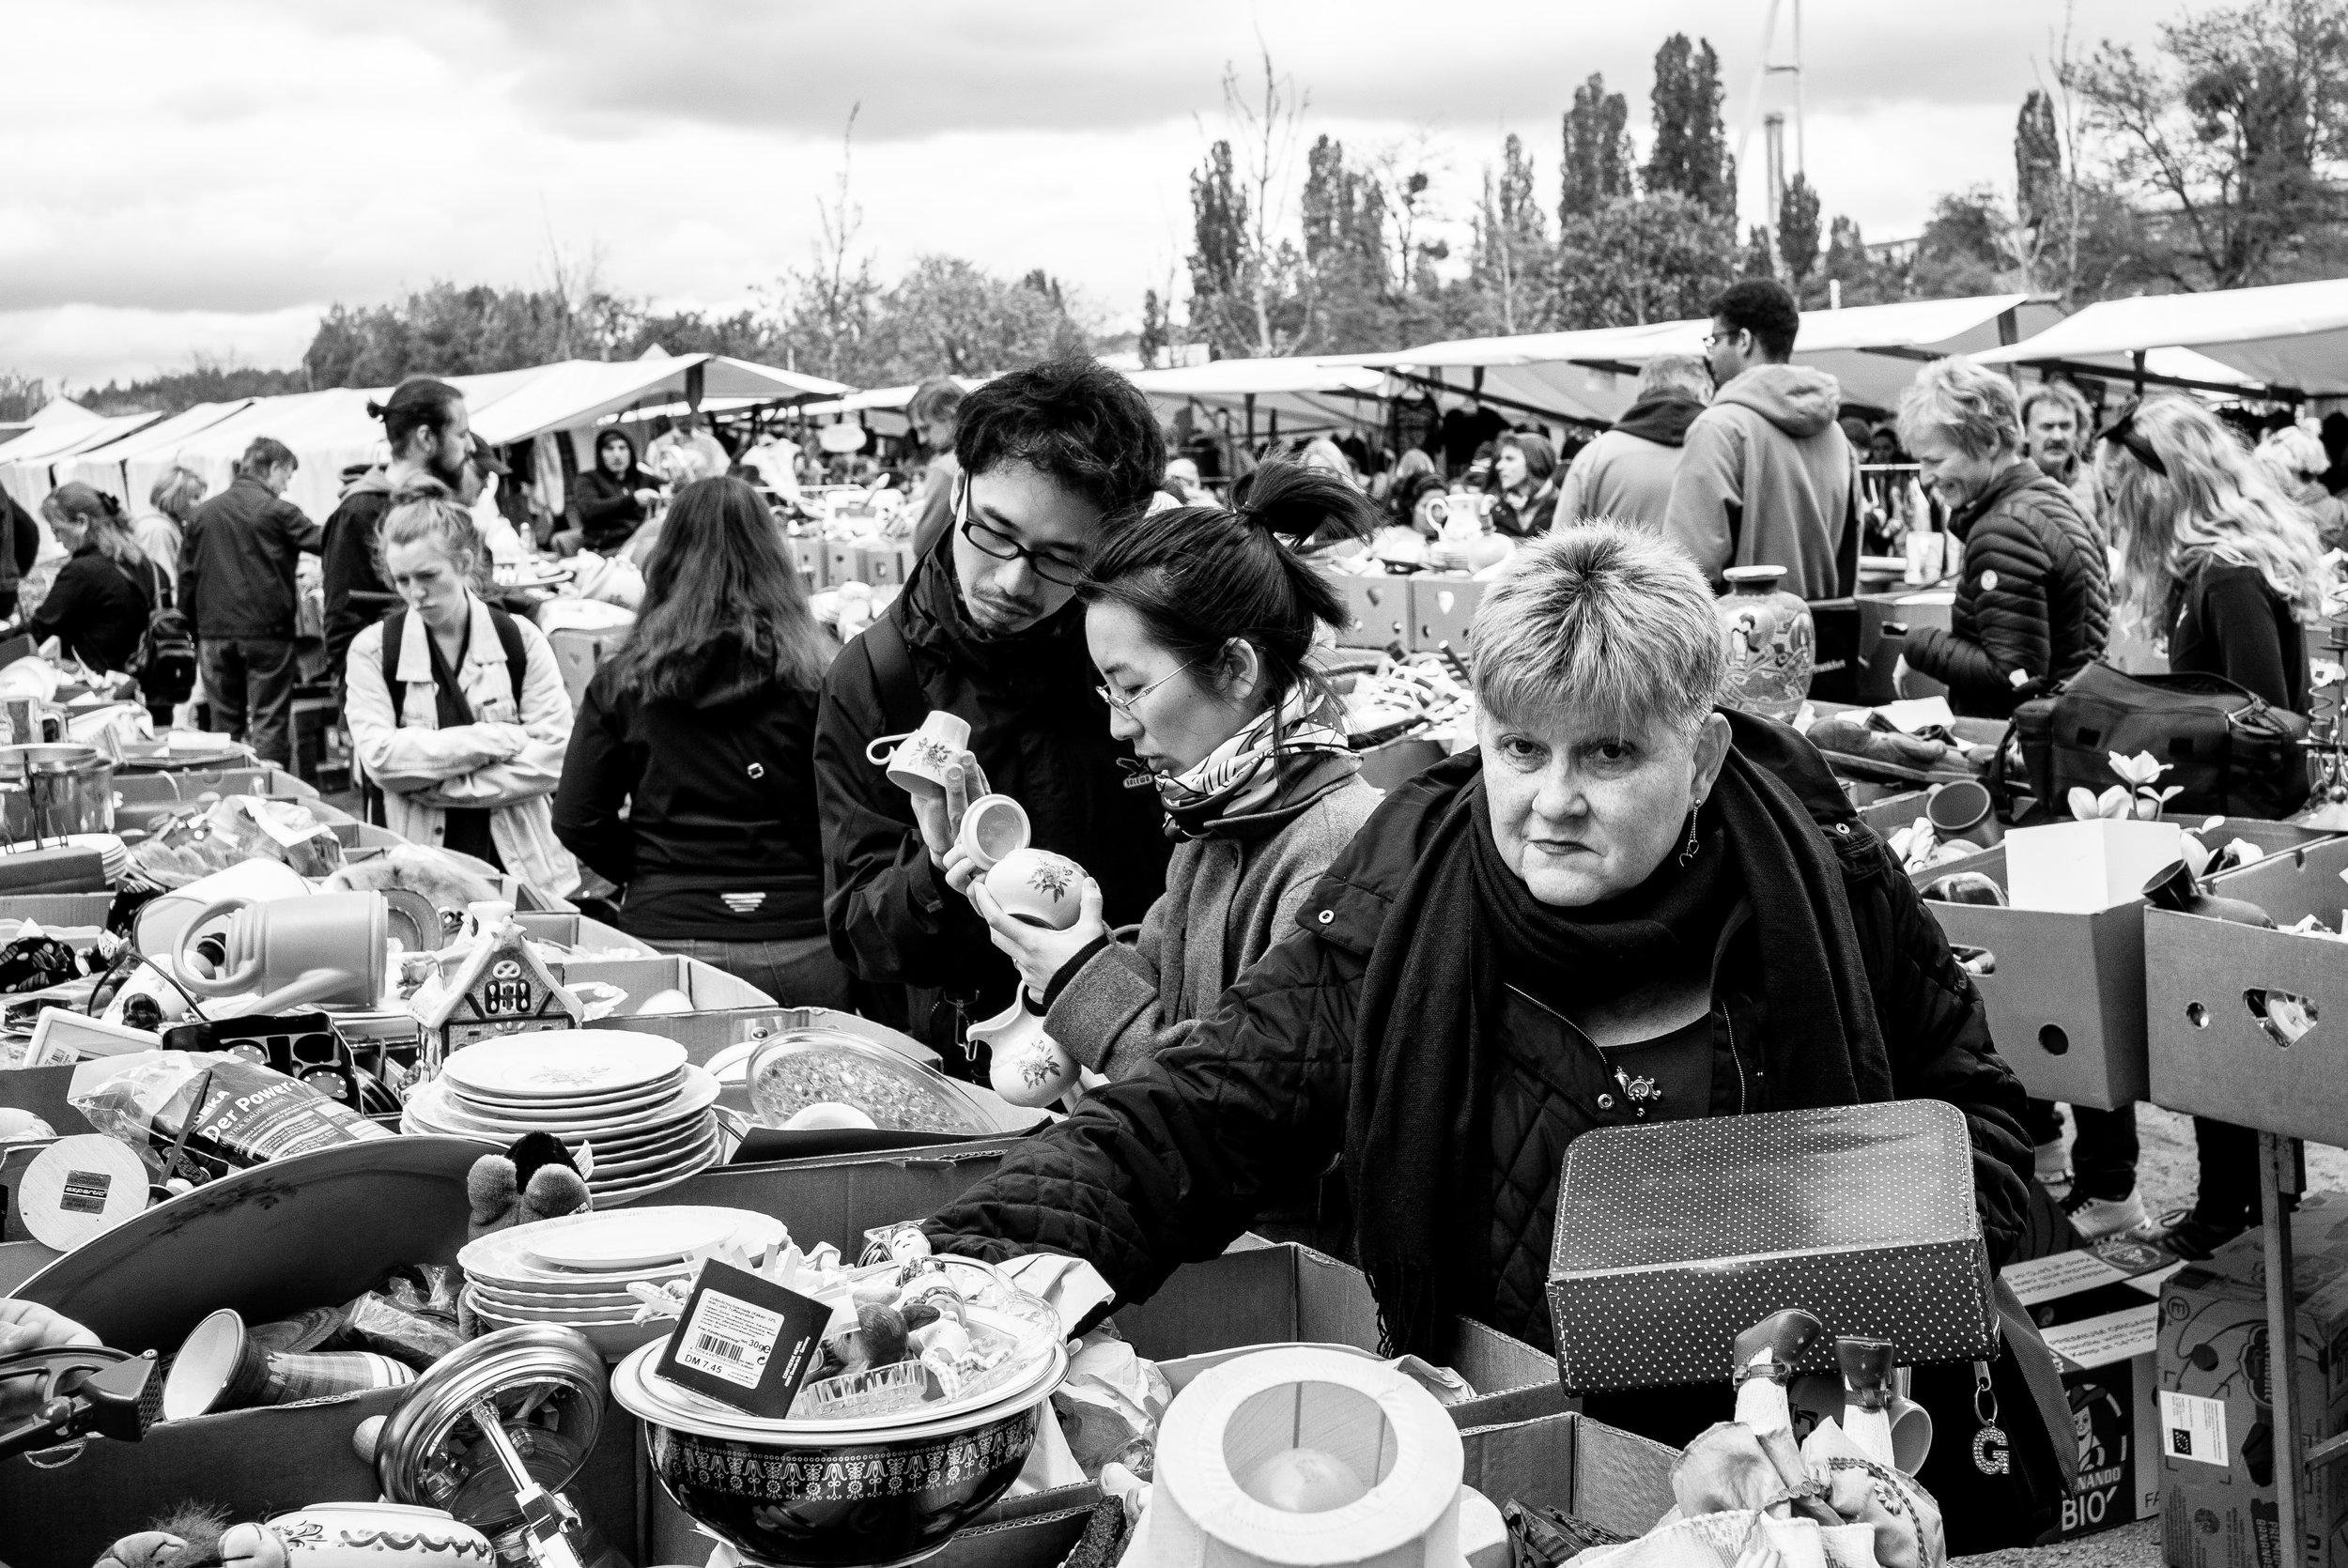 Flea Market at Mauerpark, Berlin. 2019.